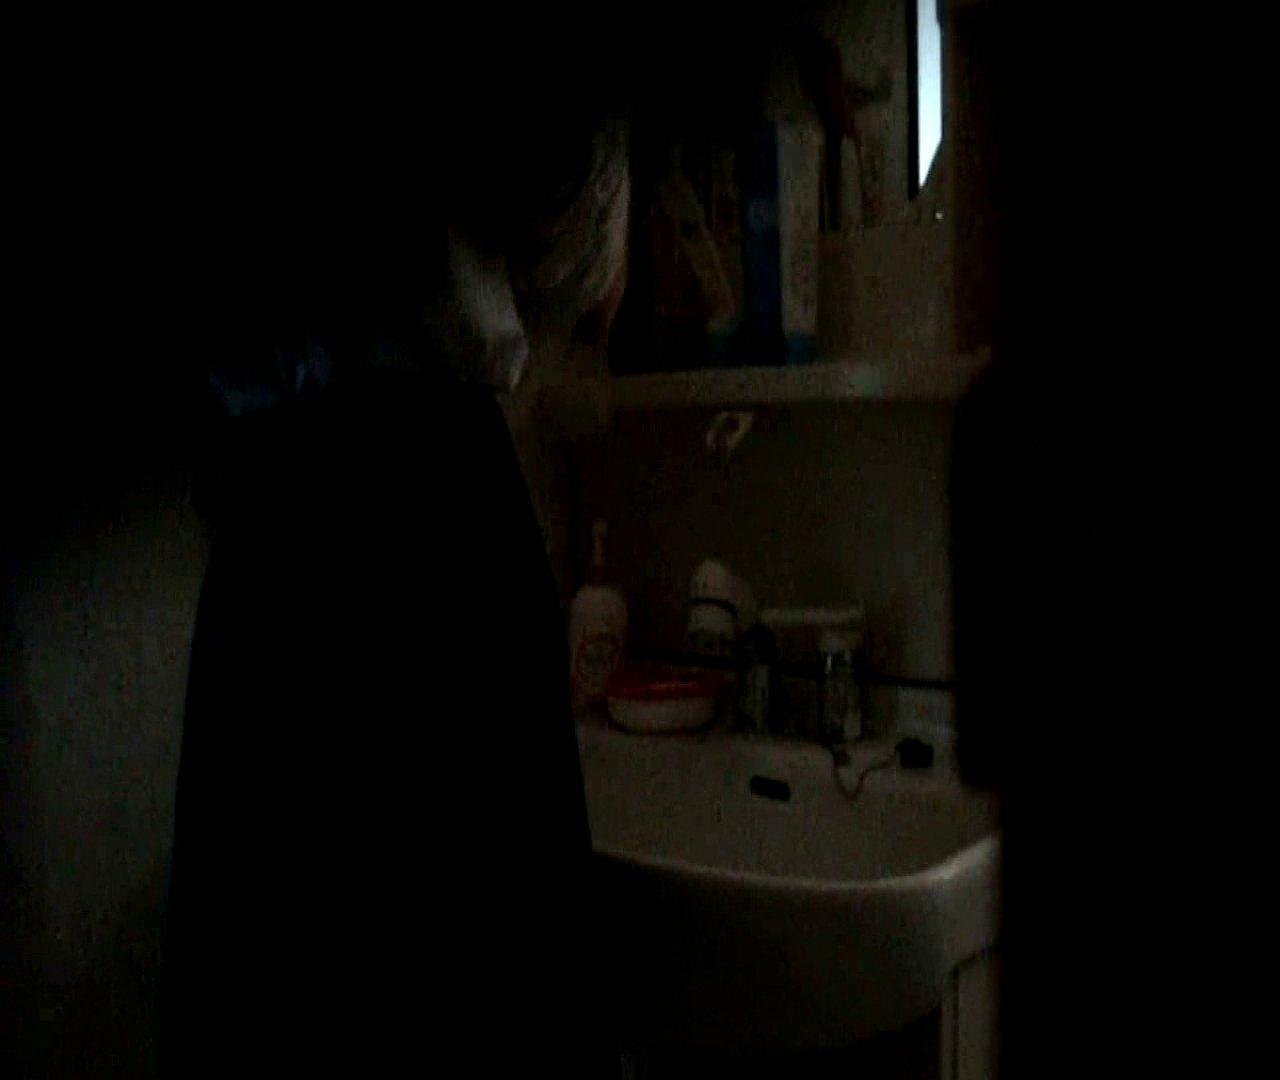 二人とも育てた甲斐がありました… vol.05 まどかが洗顔後にブラを洗濯 盗撮特集   おまんこ  86画像 31